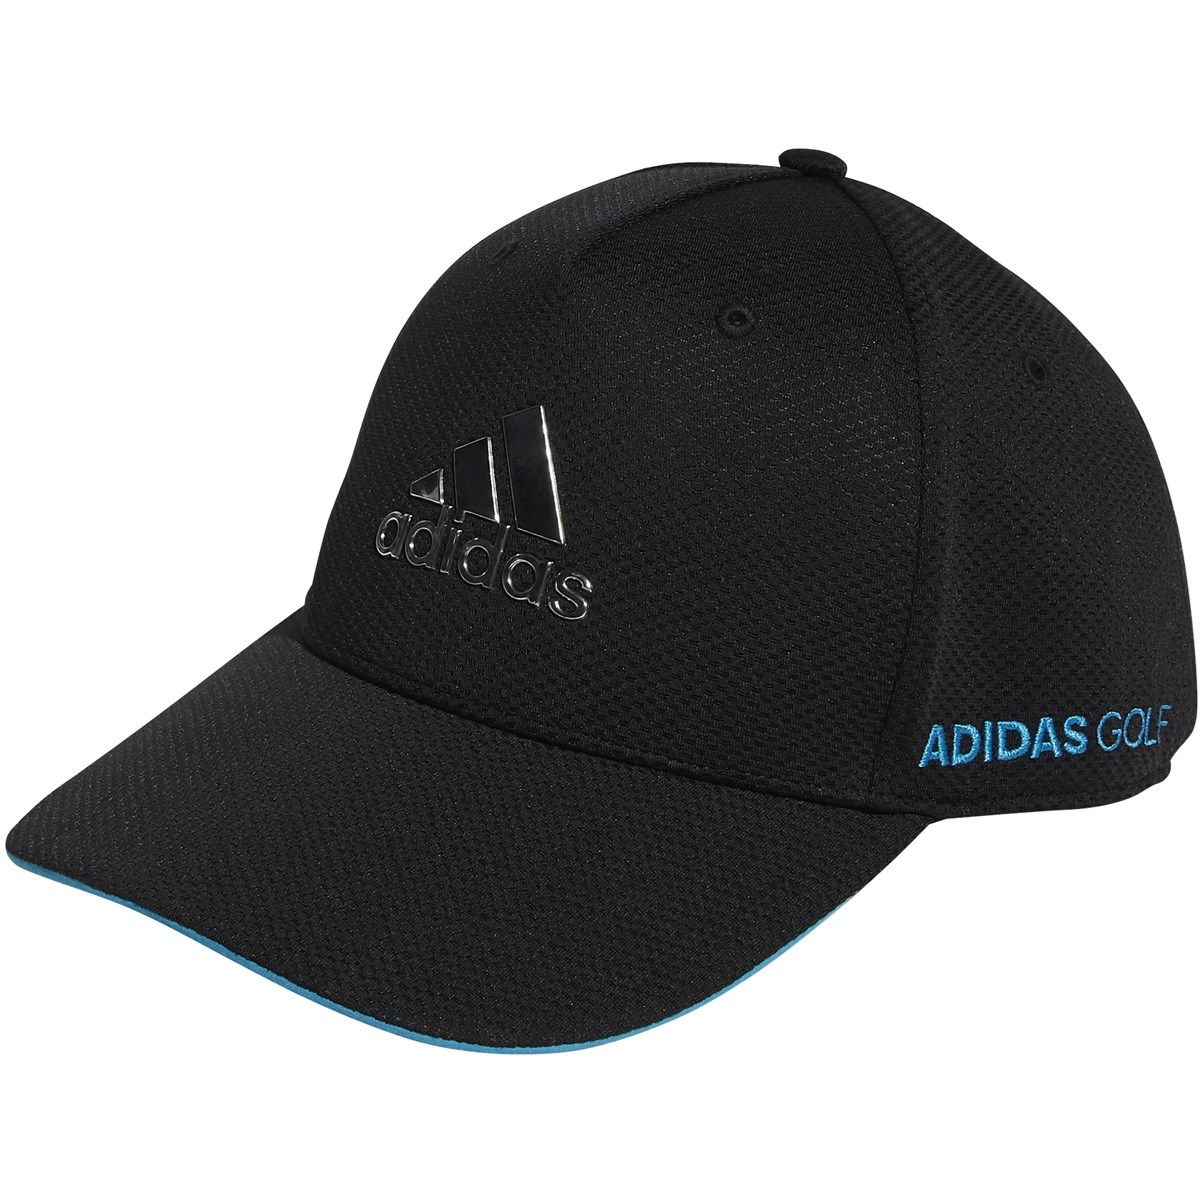 アディダス Adidas メタルロゴキャップ フリー ブラック